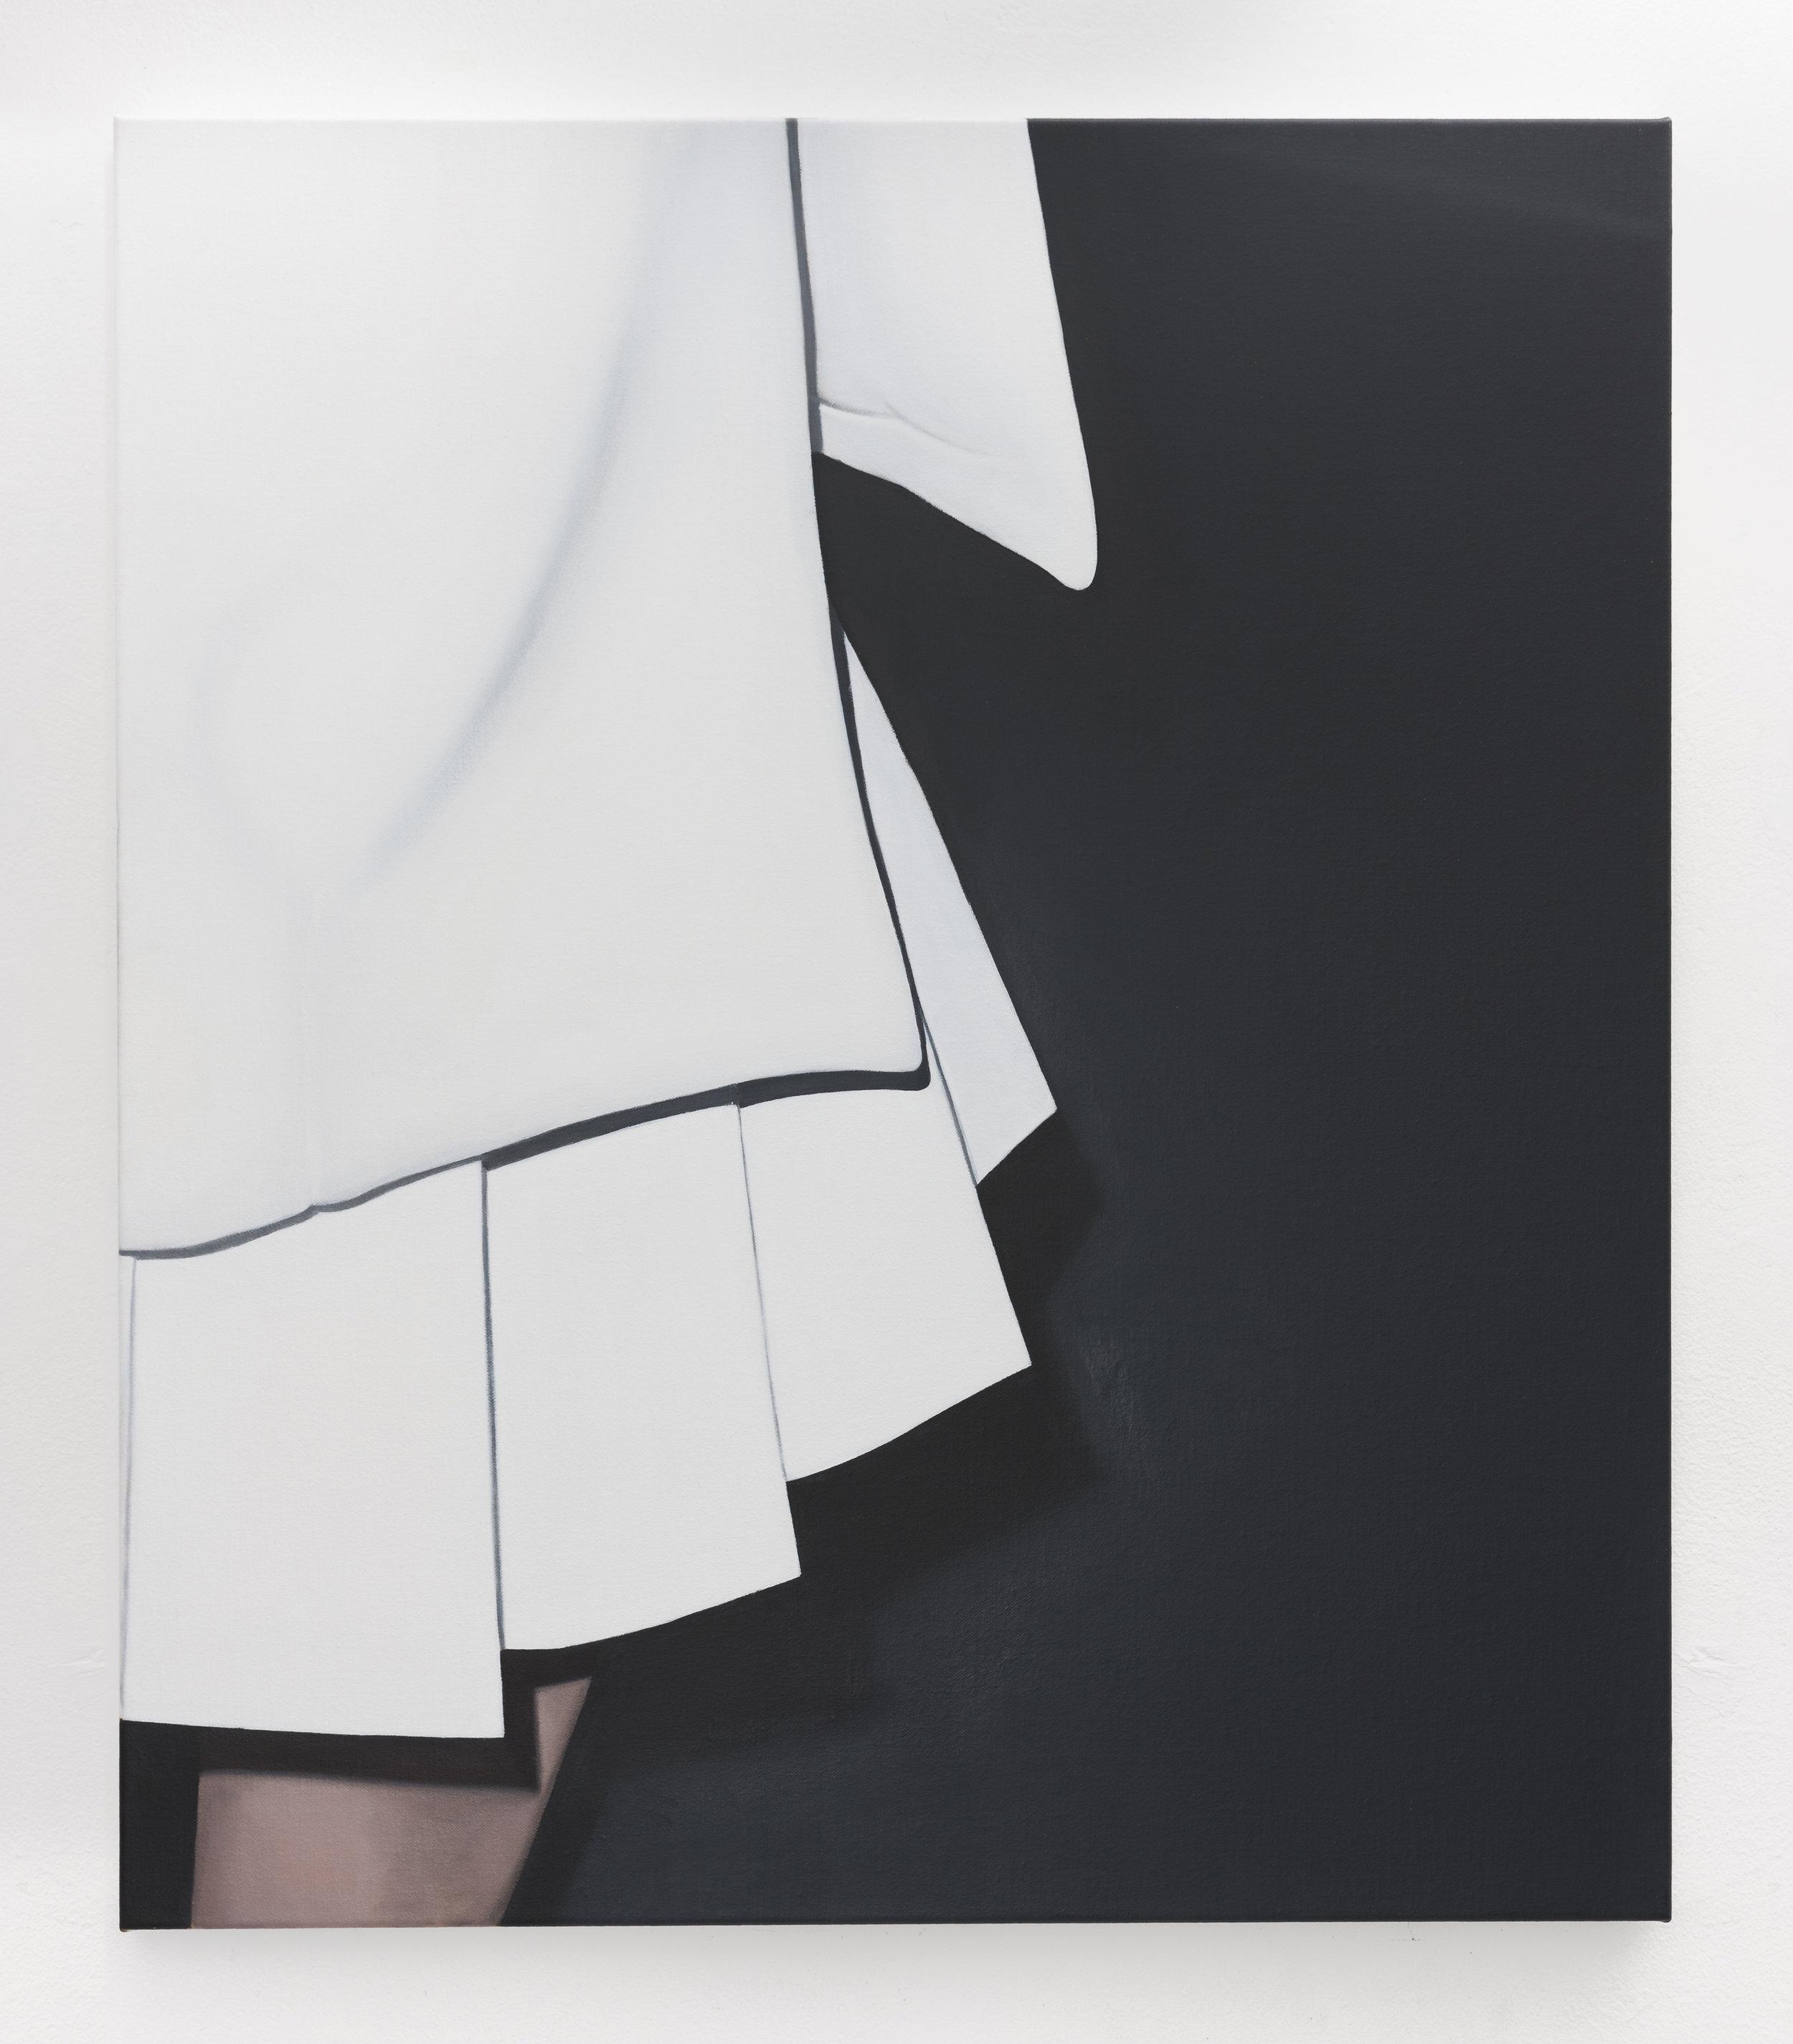 White Dress III | 2018 | oil on linen | 70 x 60 cm | 27.6 x 23.6 in | Photo Lee Welch